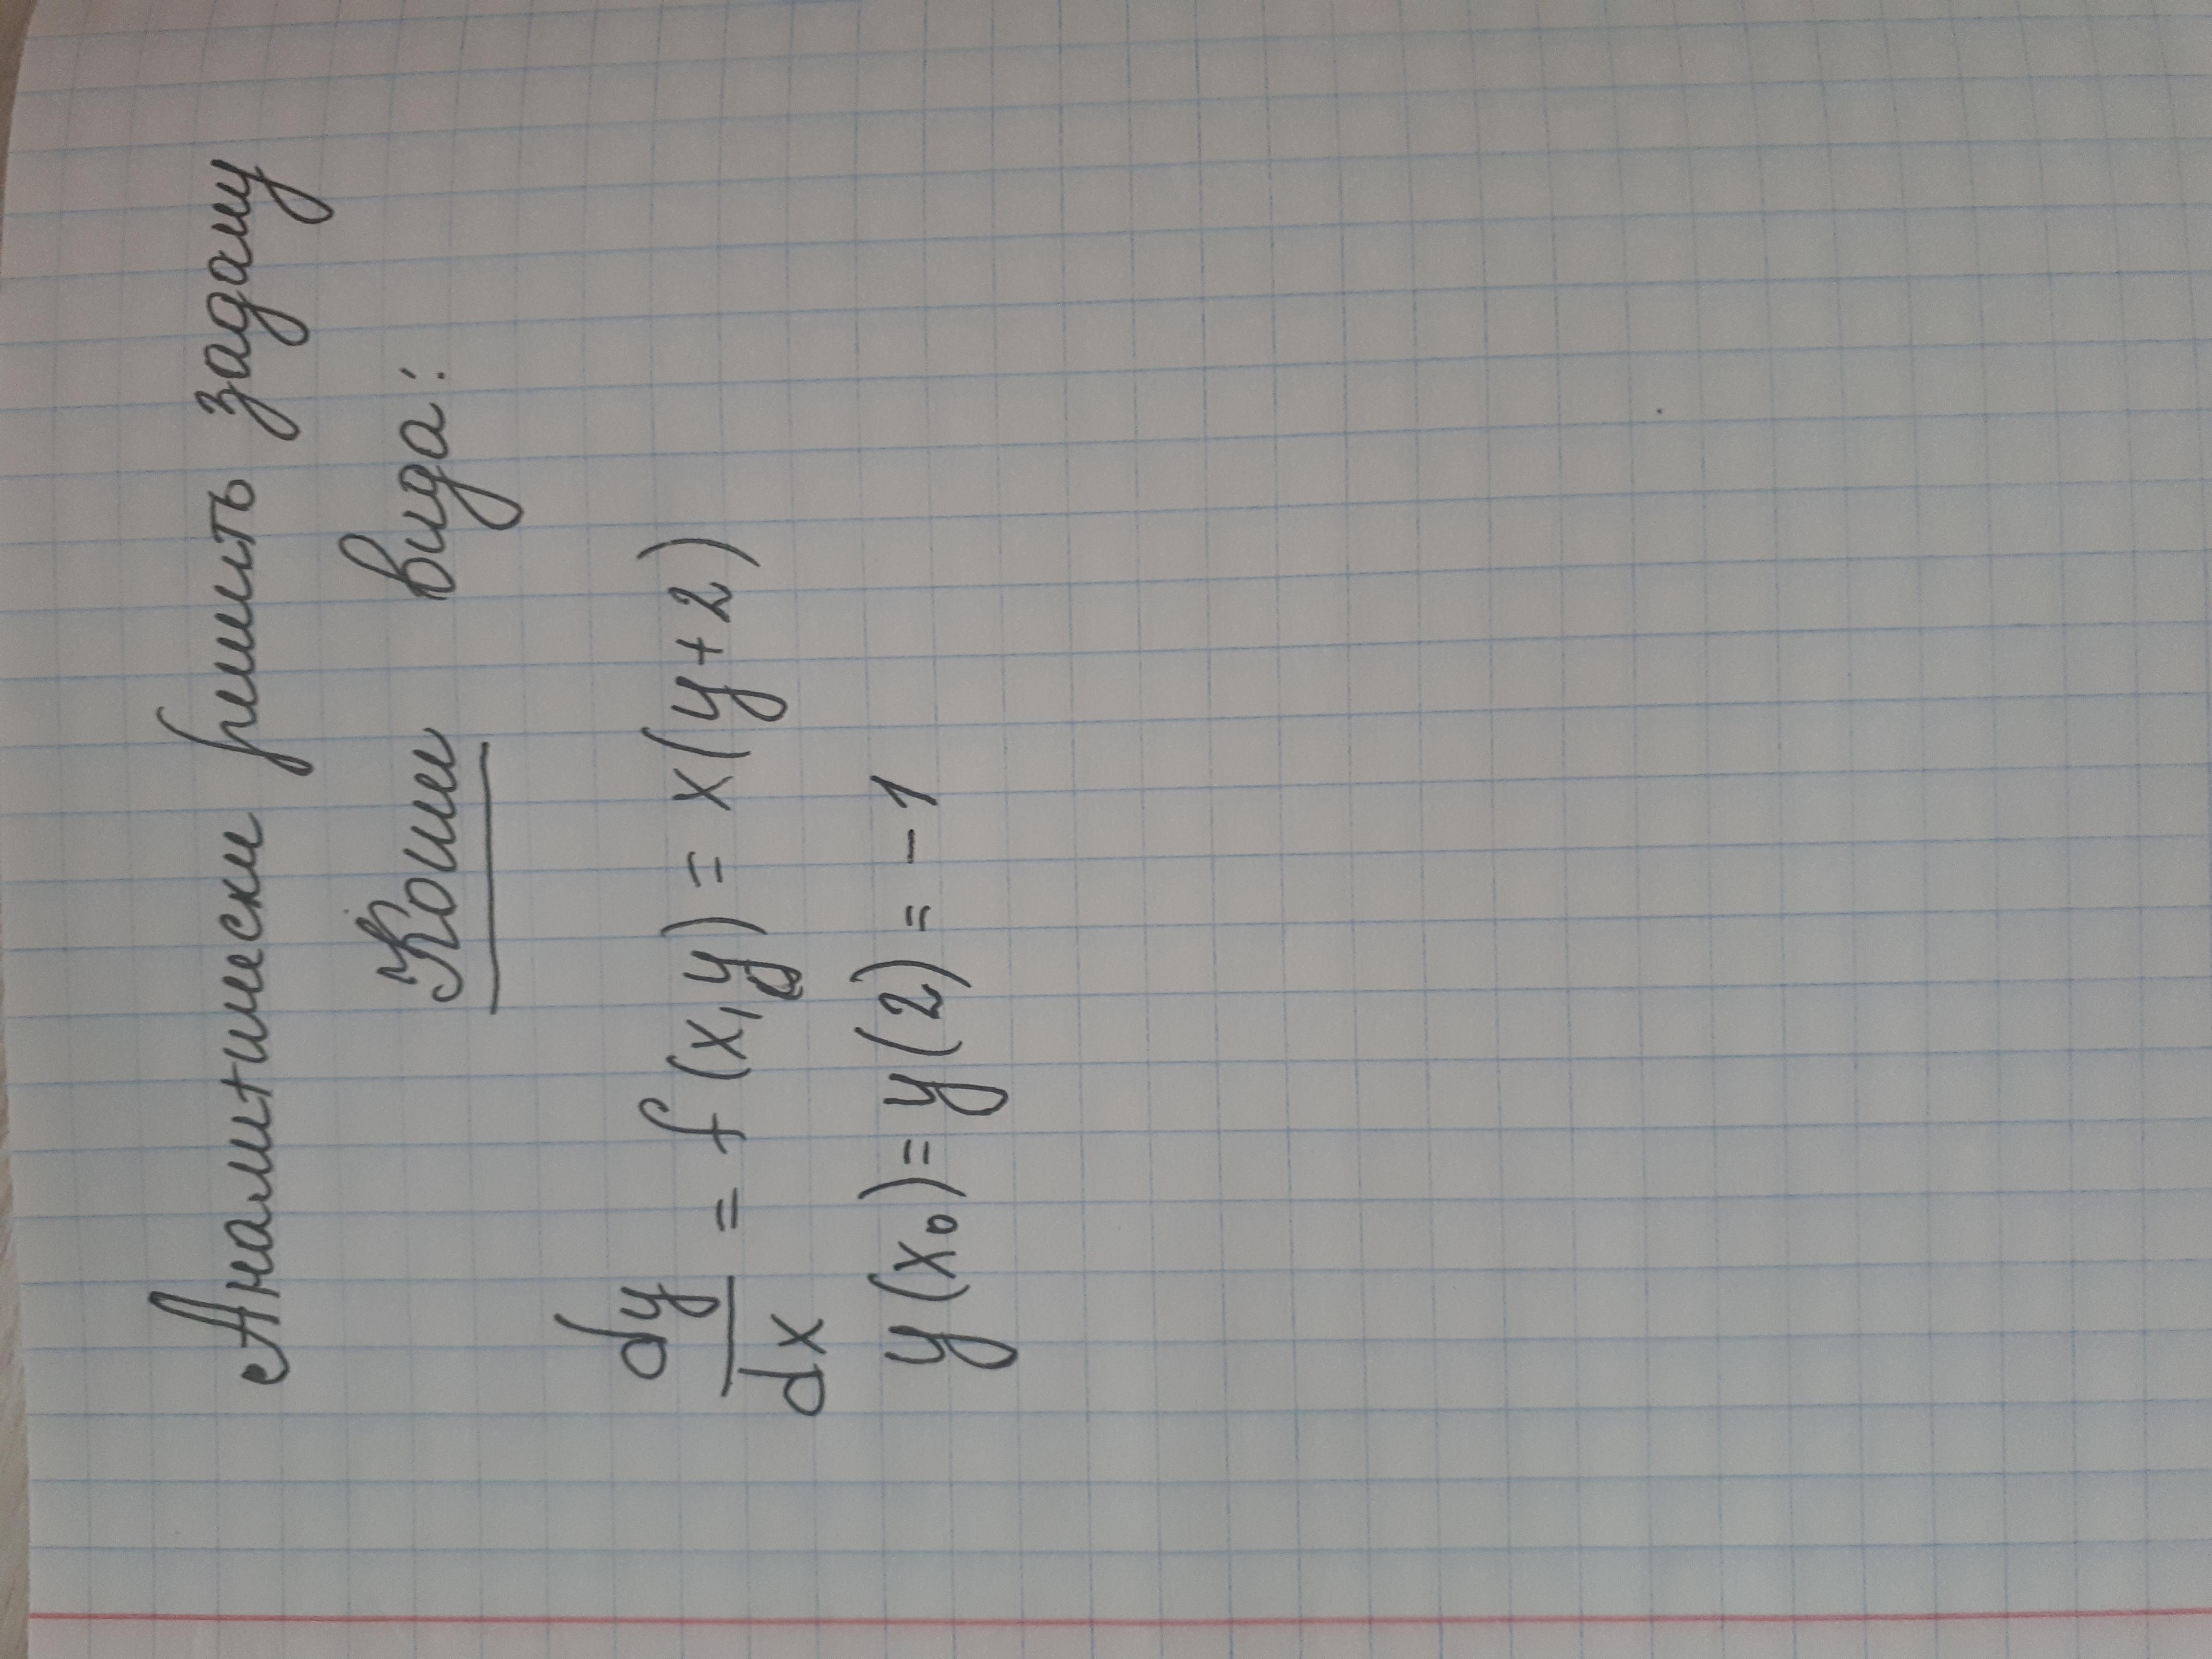 Решение задачи коши аналитически теория вероятности в задачах и решениях